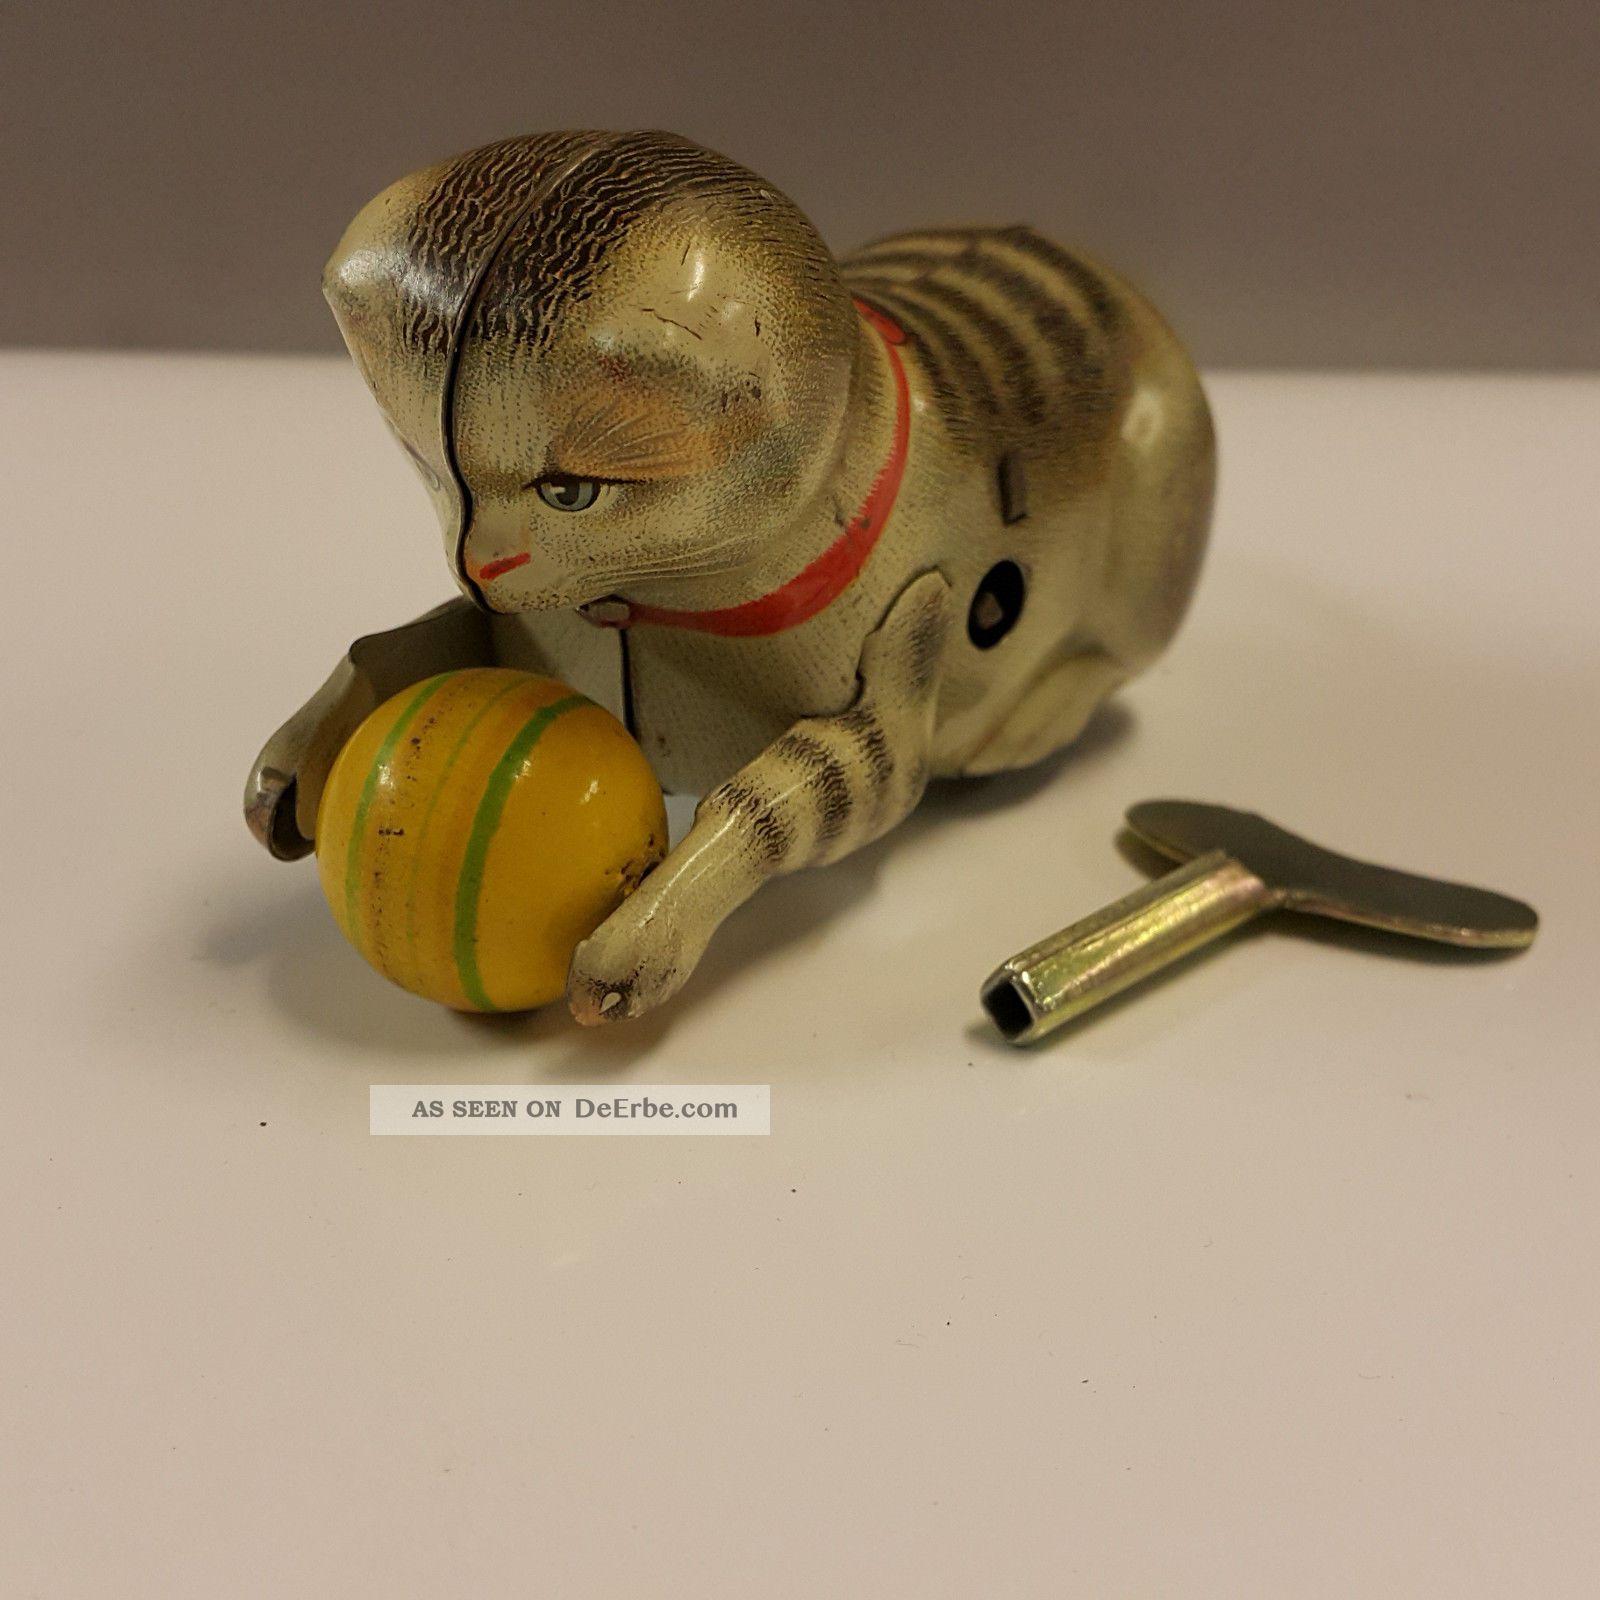 Köhler Blechspielzeug Katze Mit Ball Wendekatze Made In Us Zone Germany Original, gefertigt 1945-1970 Bild